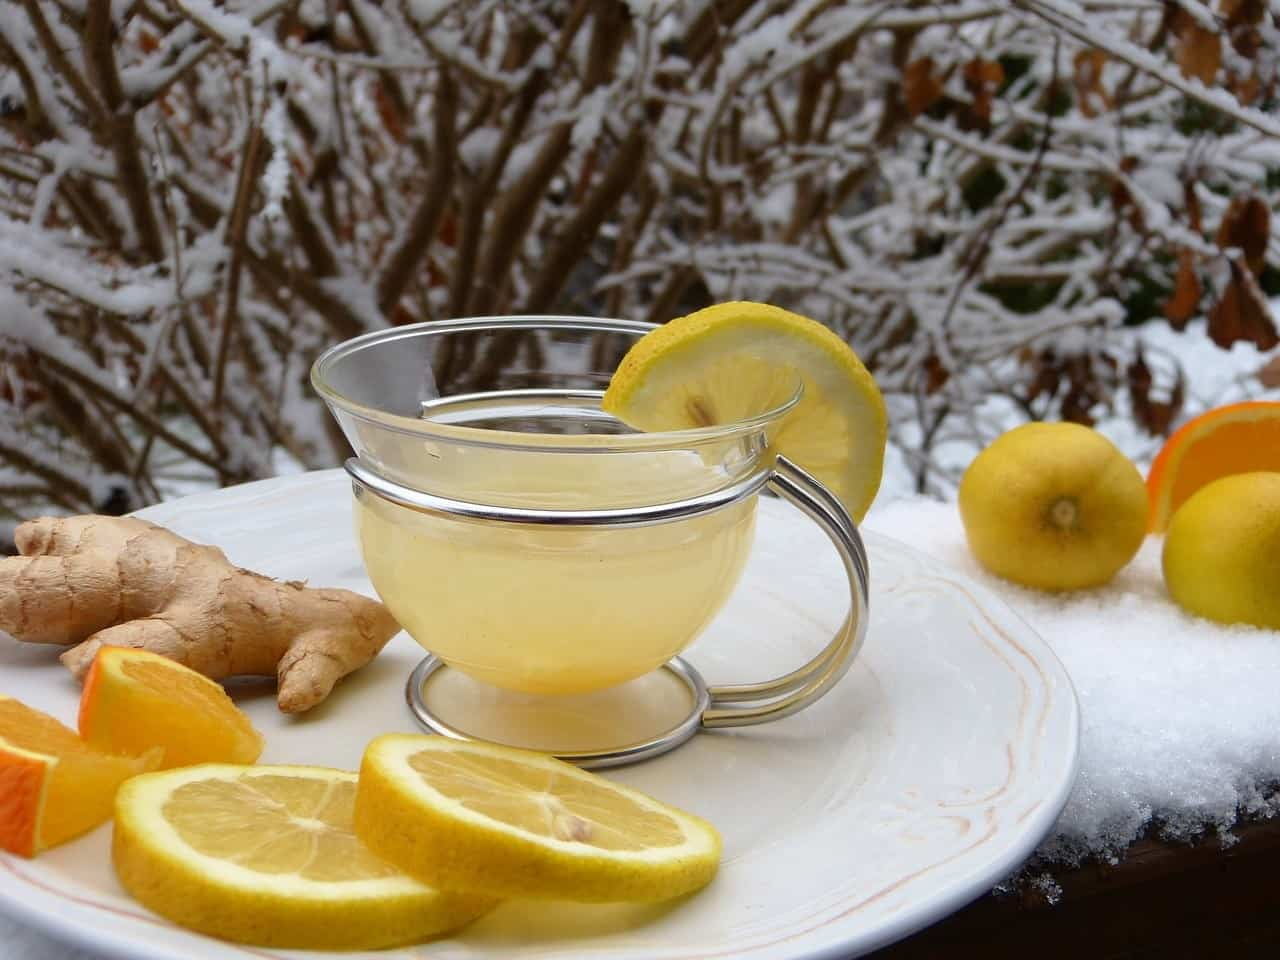 El té de jengibre es muy recomendable para ayudar a mitigar las náuseas en el embarazo.